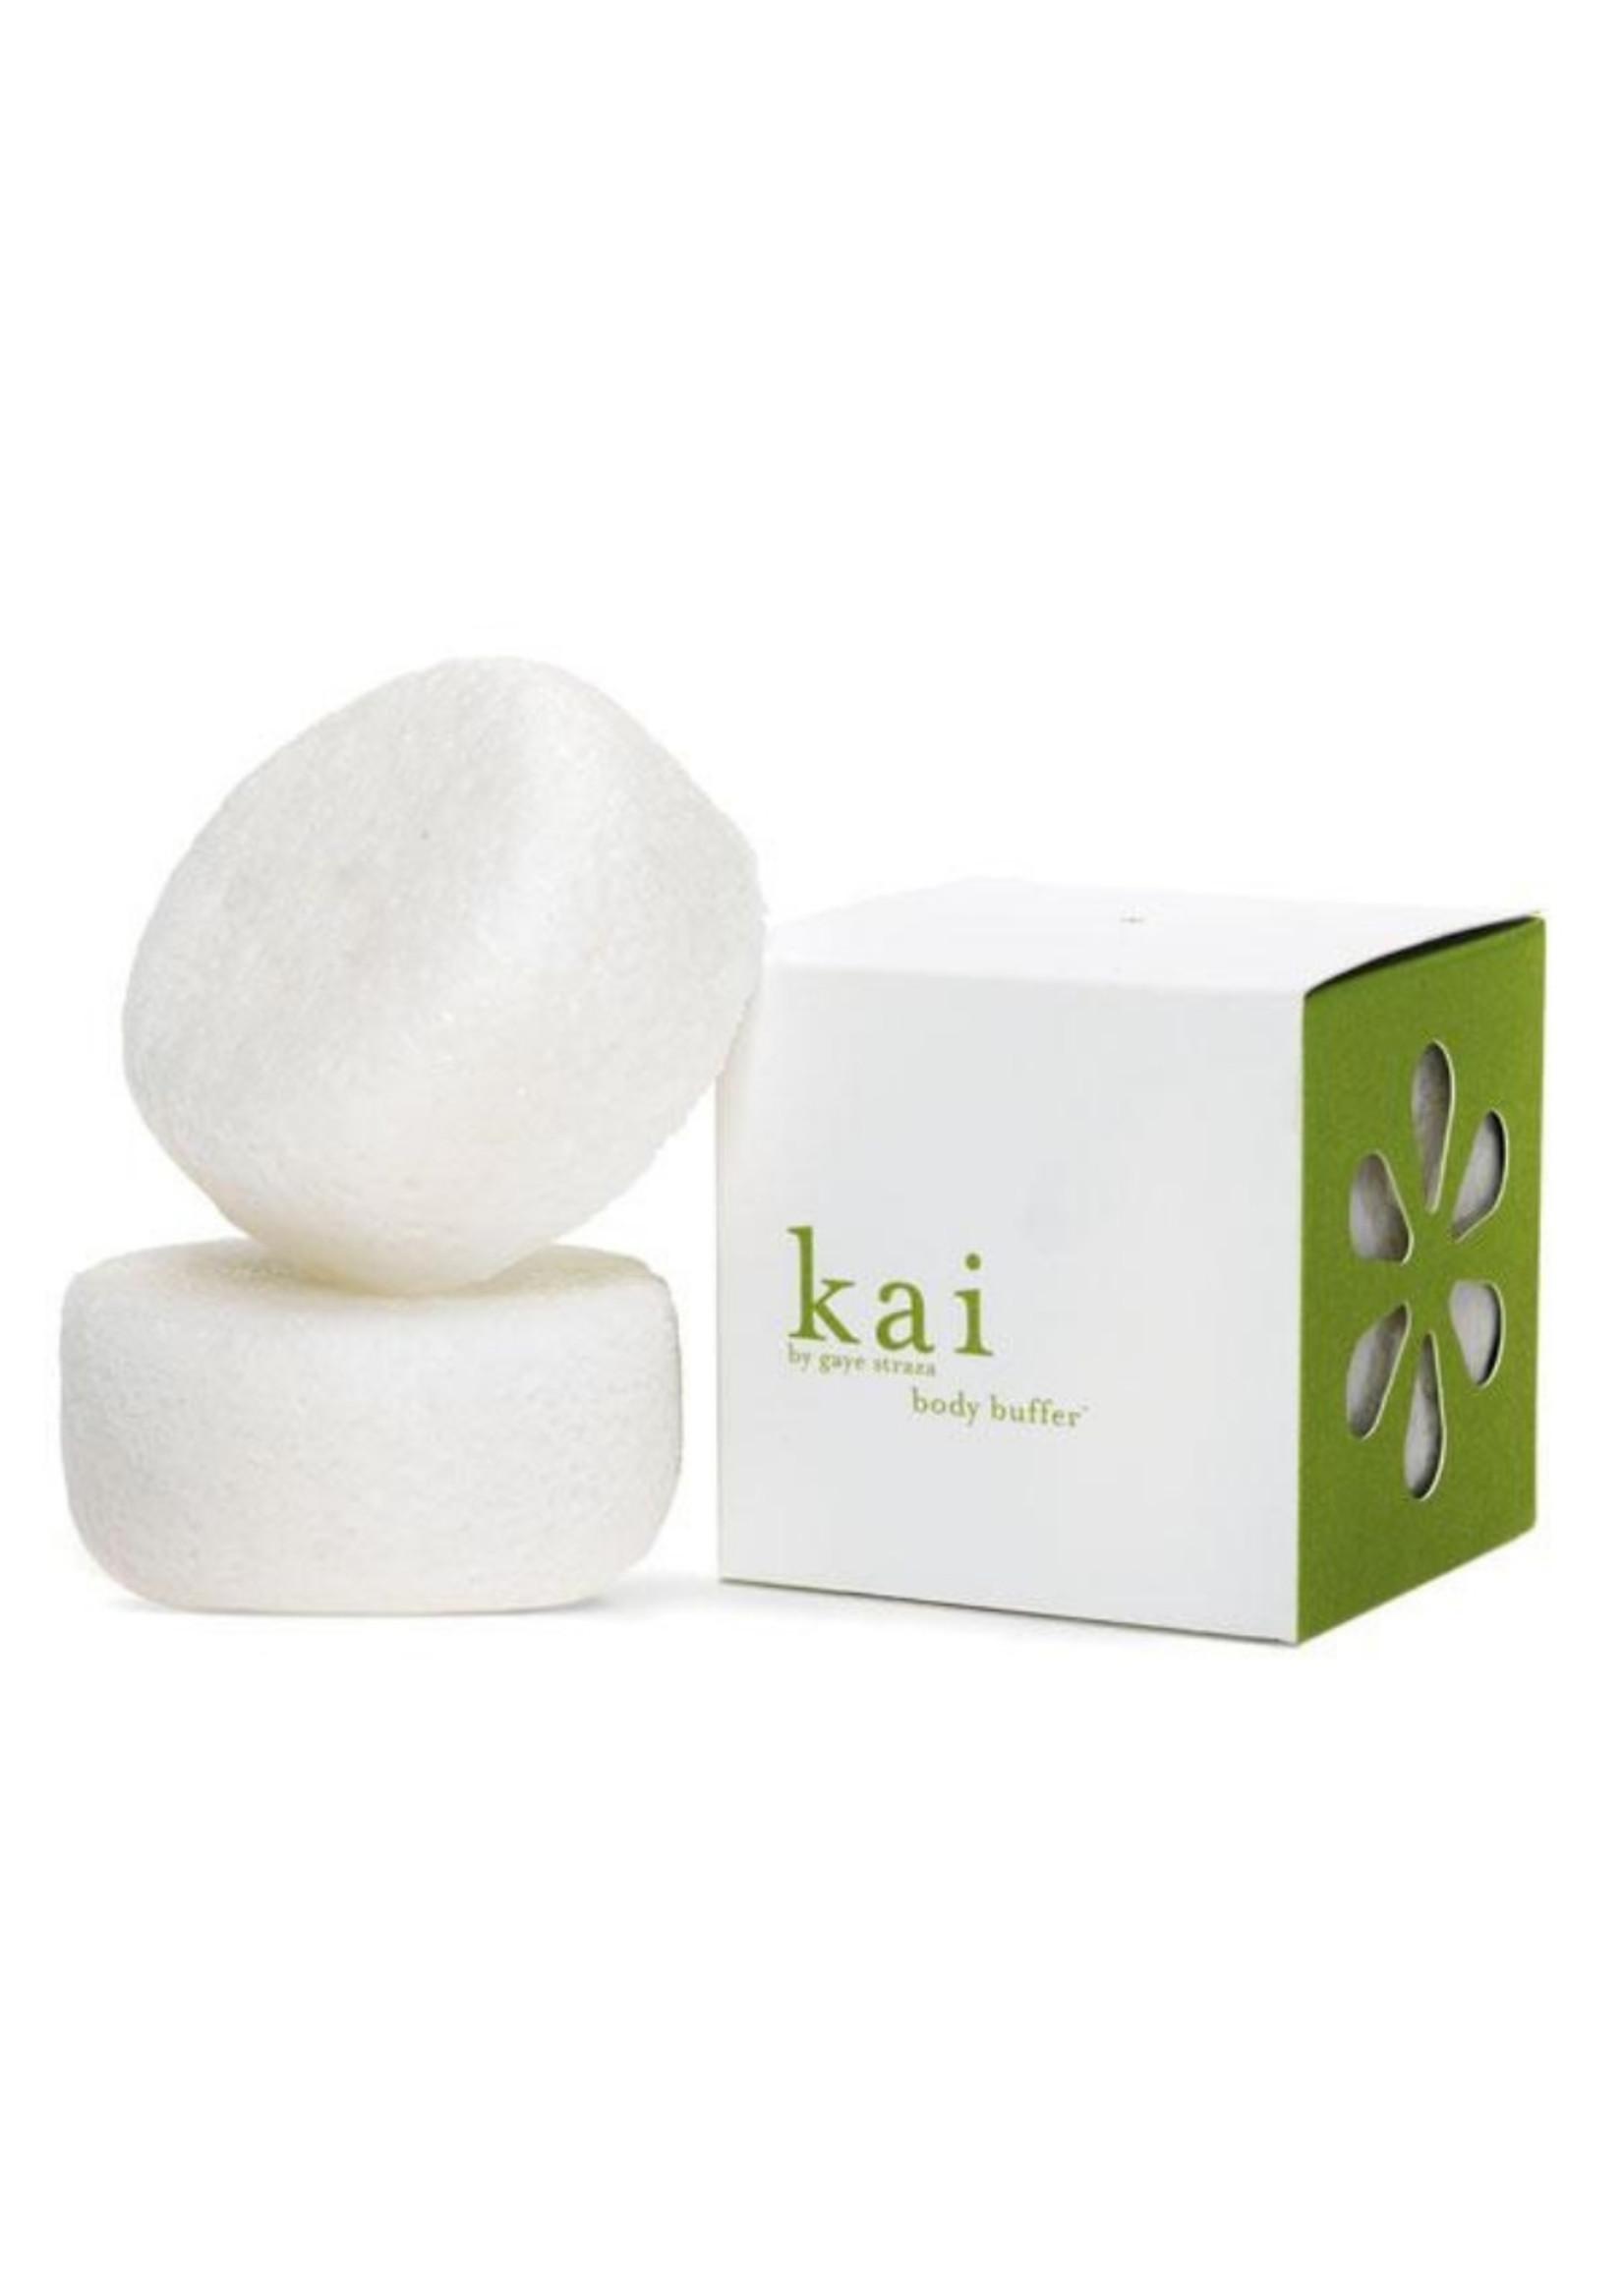 Kai Fragrance Kai Exfoliating Body Buffers